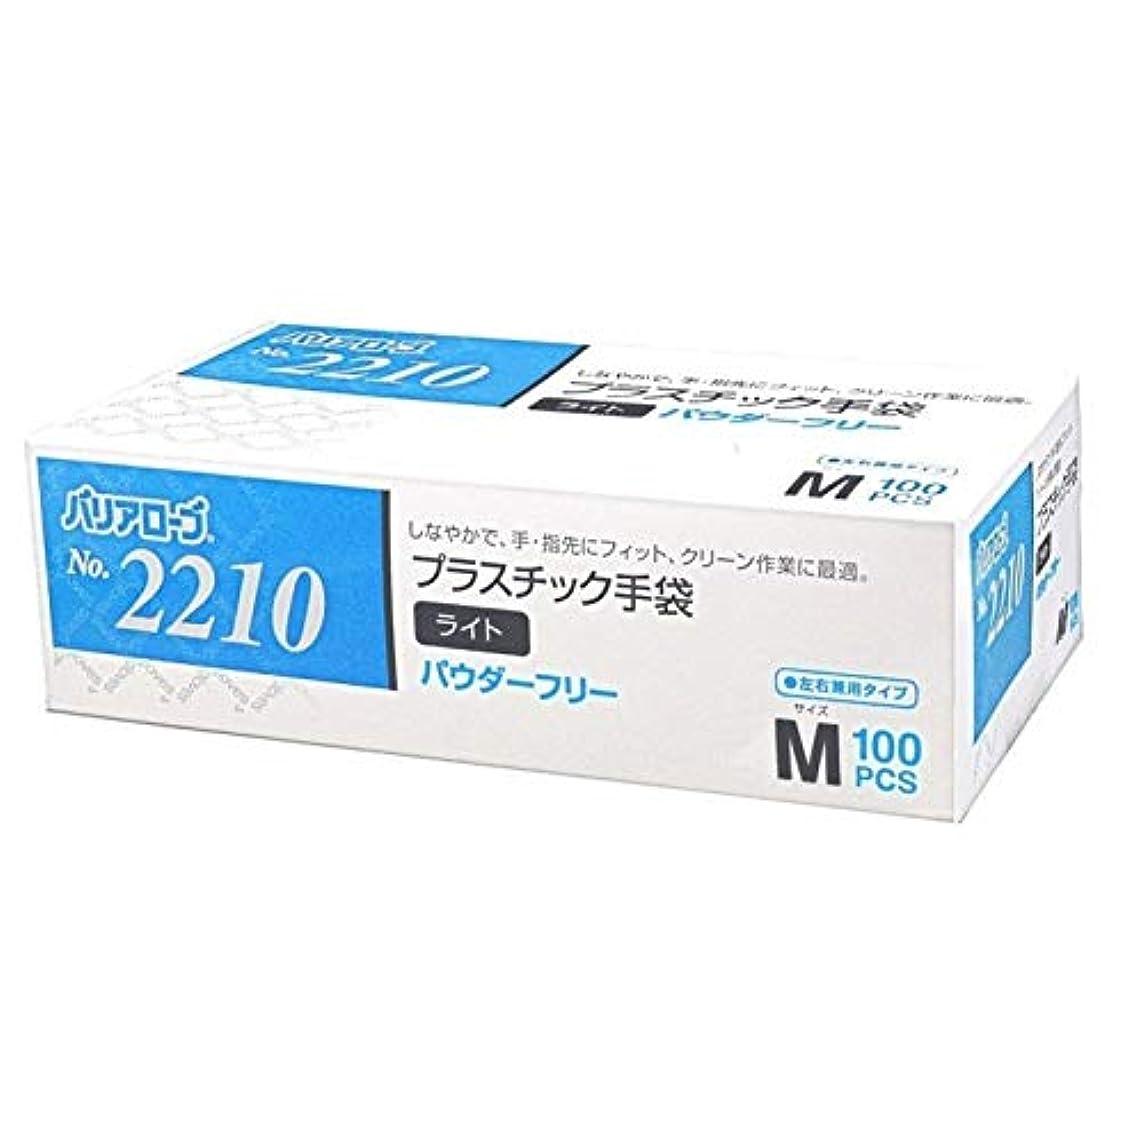 【ケース販売】 バリアローブ №2210 プラスチック手袋 ライト (パウダーフリー) M 2000枚(100枚×20箱)